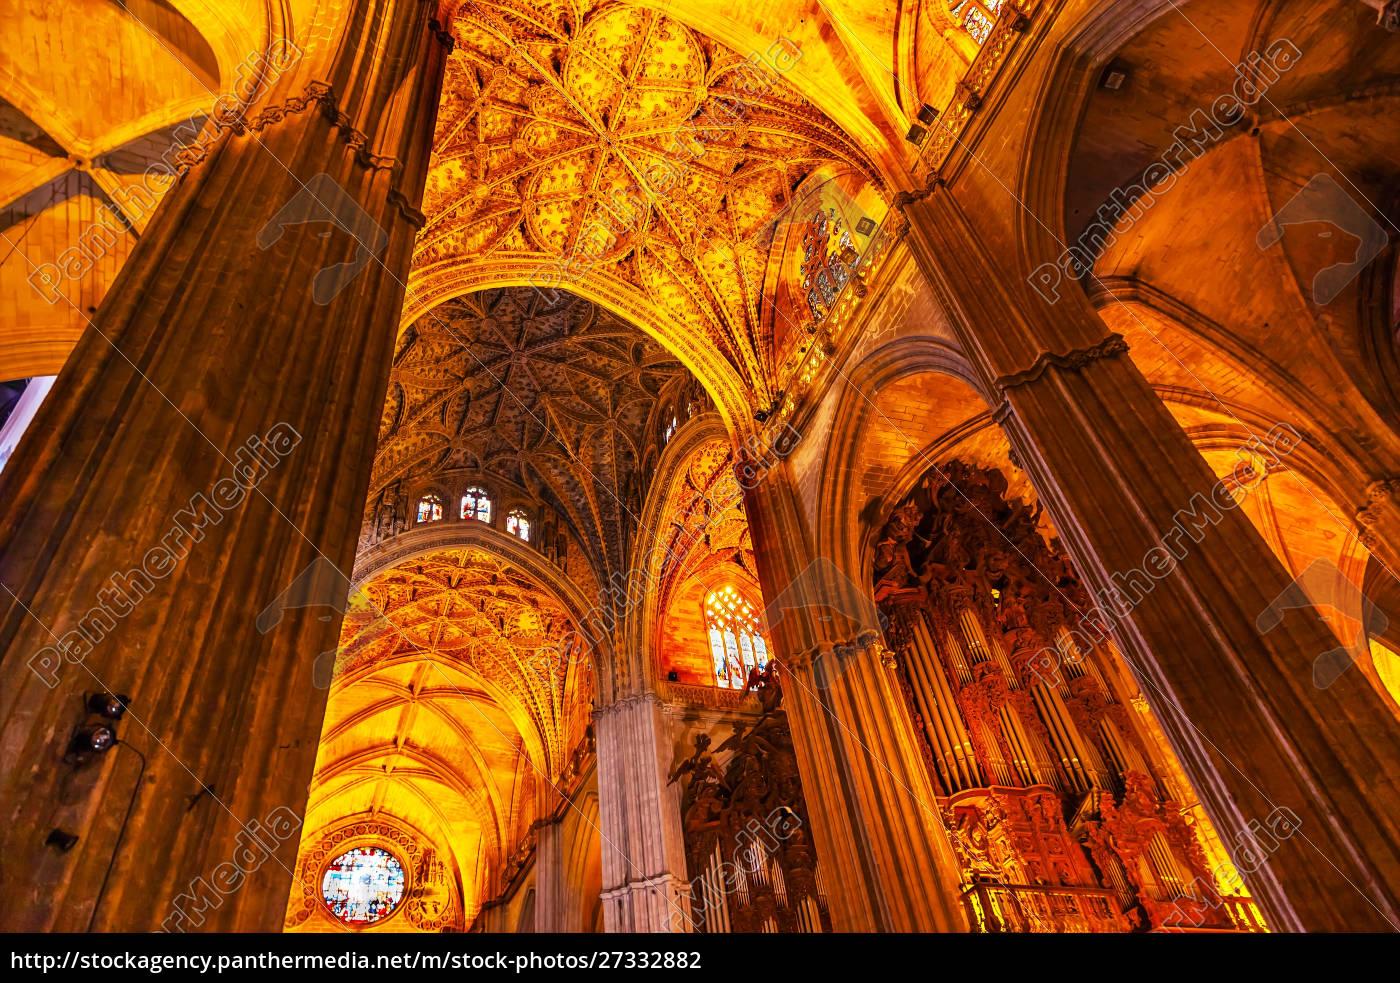 säulen, buntglas, kathedrale, von, sevilla, sevilla, andalusien, spanien., erbaut, in, den - 27332882